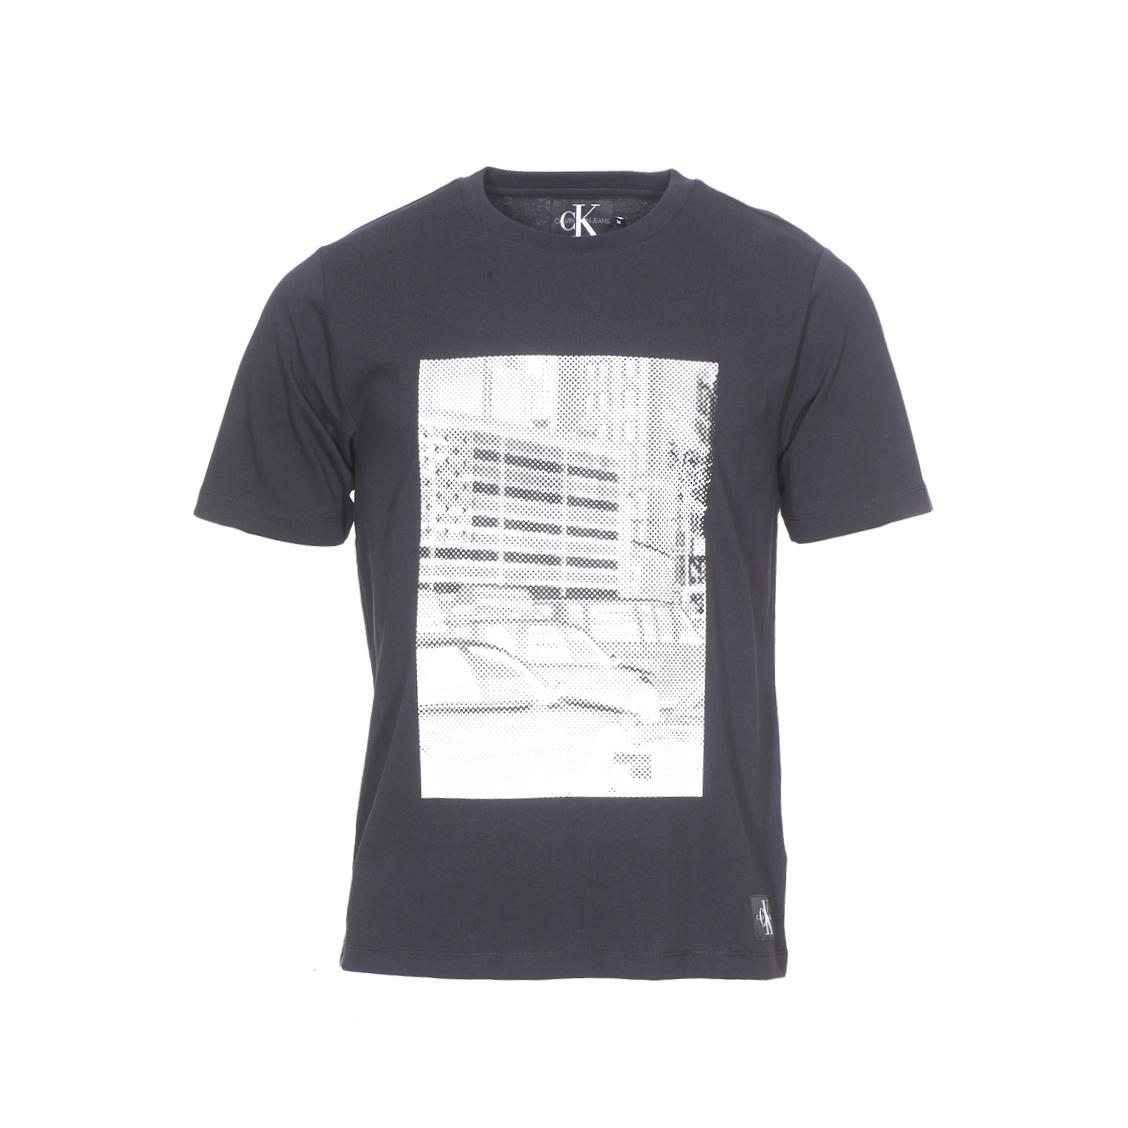 Tee-shirt col rond  pixelated graphic en coton noir floqué en blanc